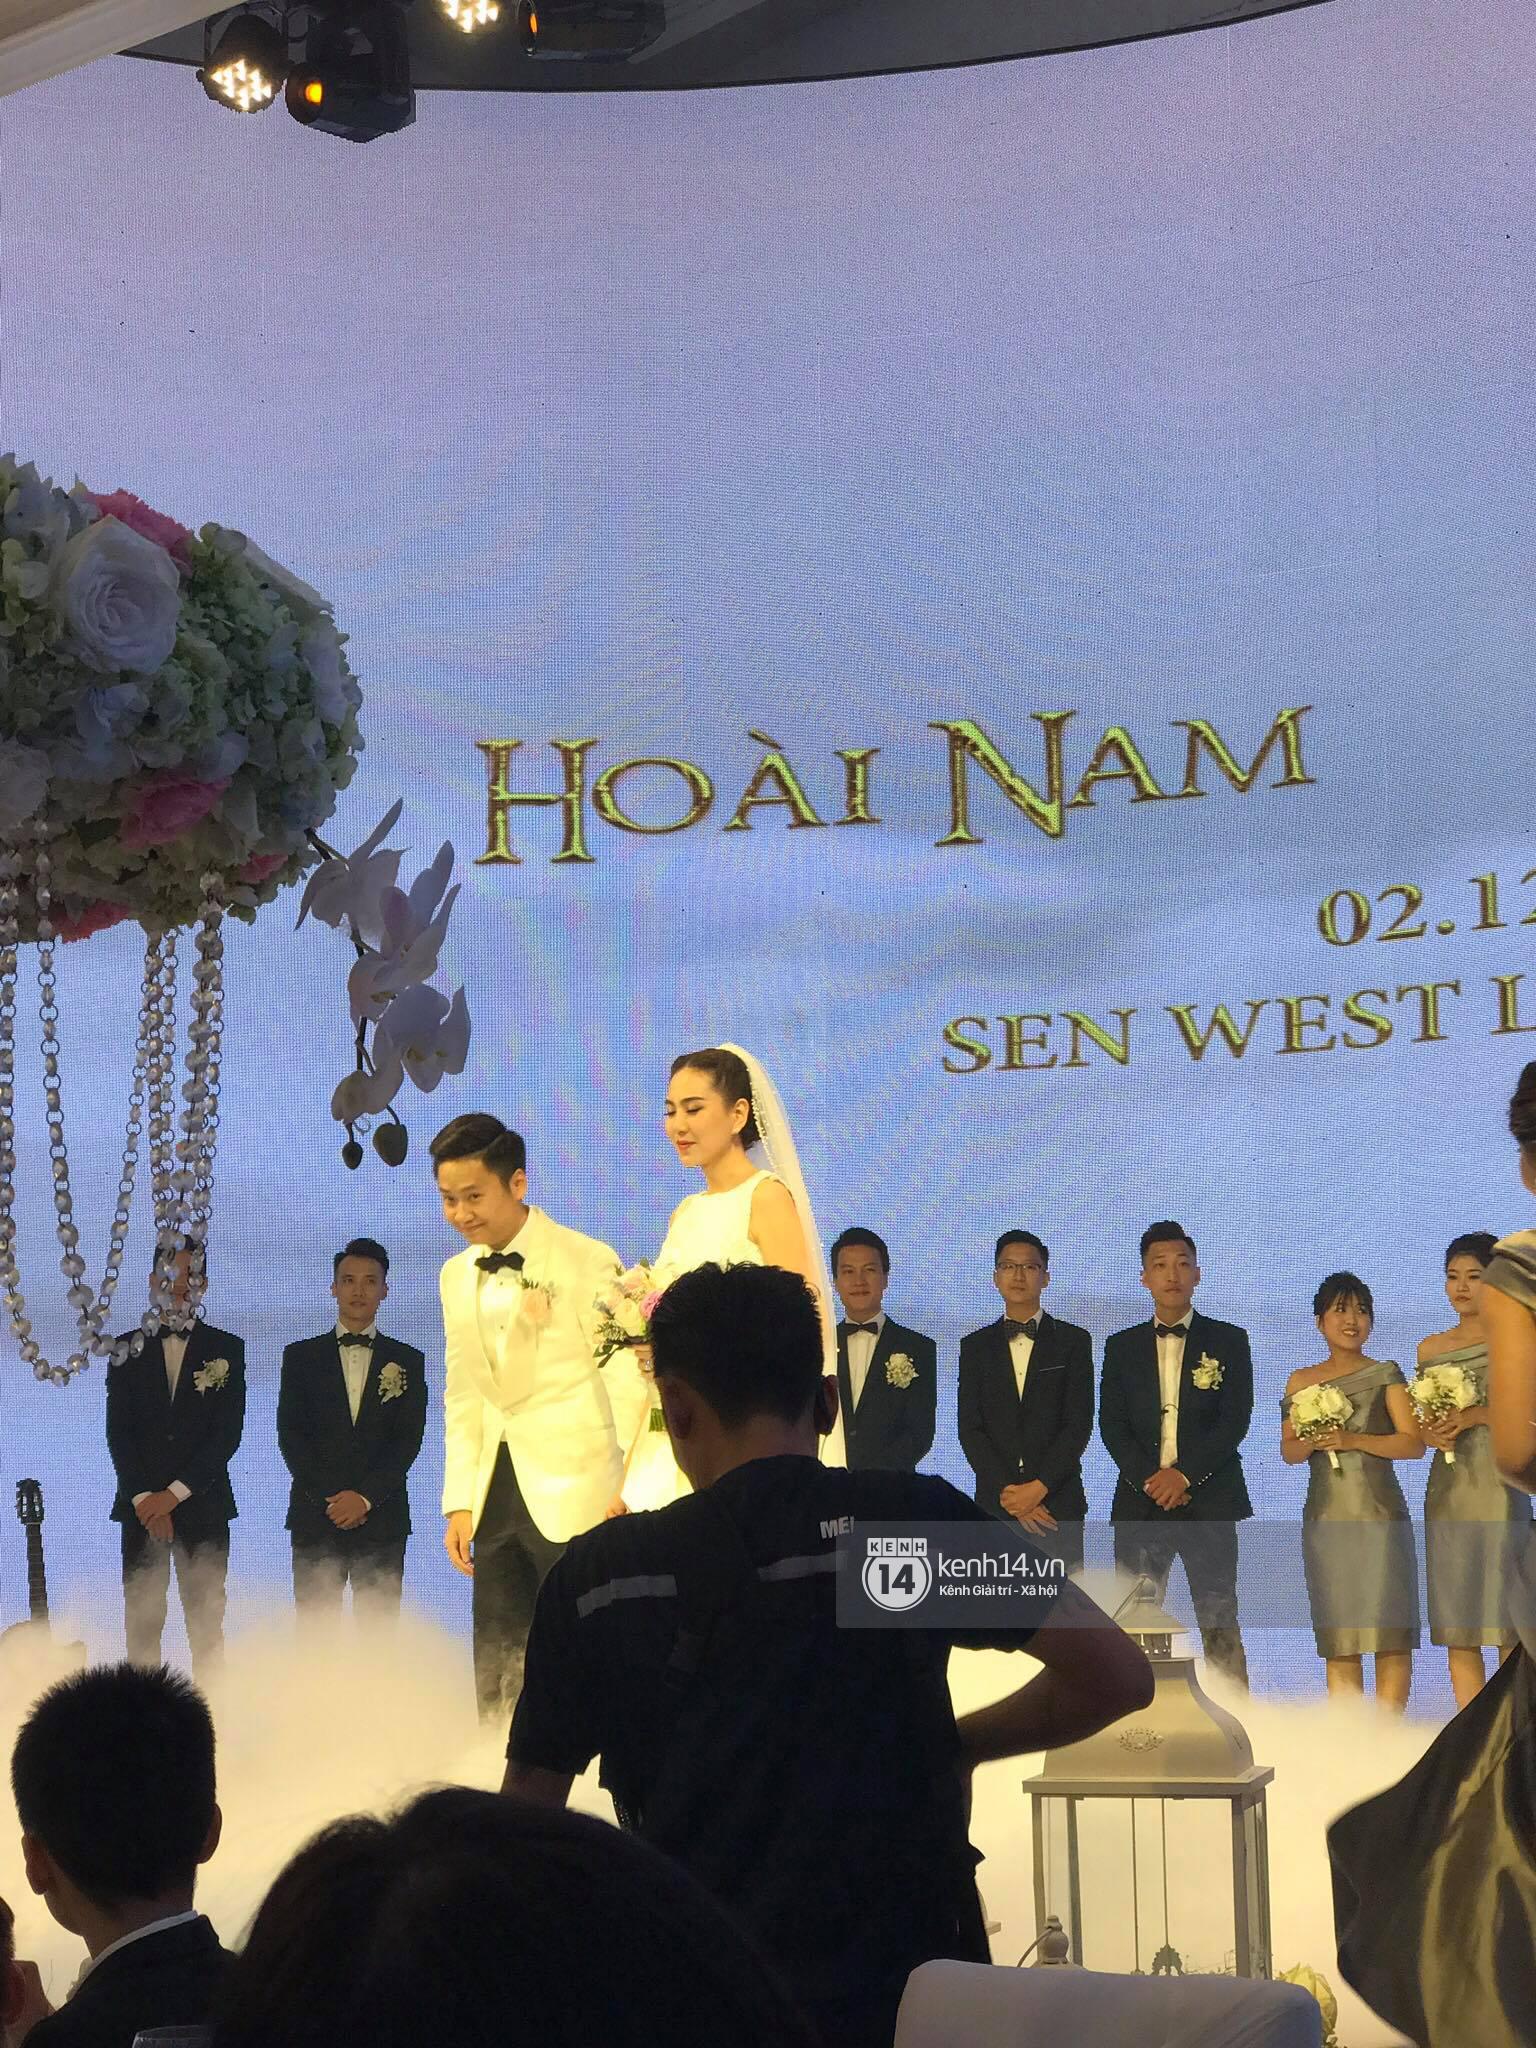 Đám cưới MC Mai Ngọc: Không gian lộng lẫy, cầu kỳ, xứng đáng là đám cưới sang chảnh nhất Hà Nội hôm nay - Ảnh 19.